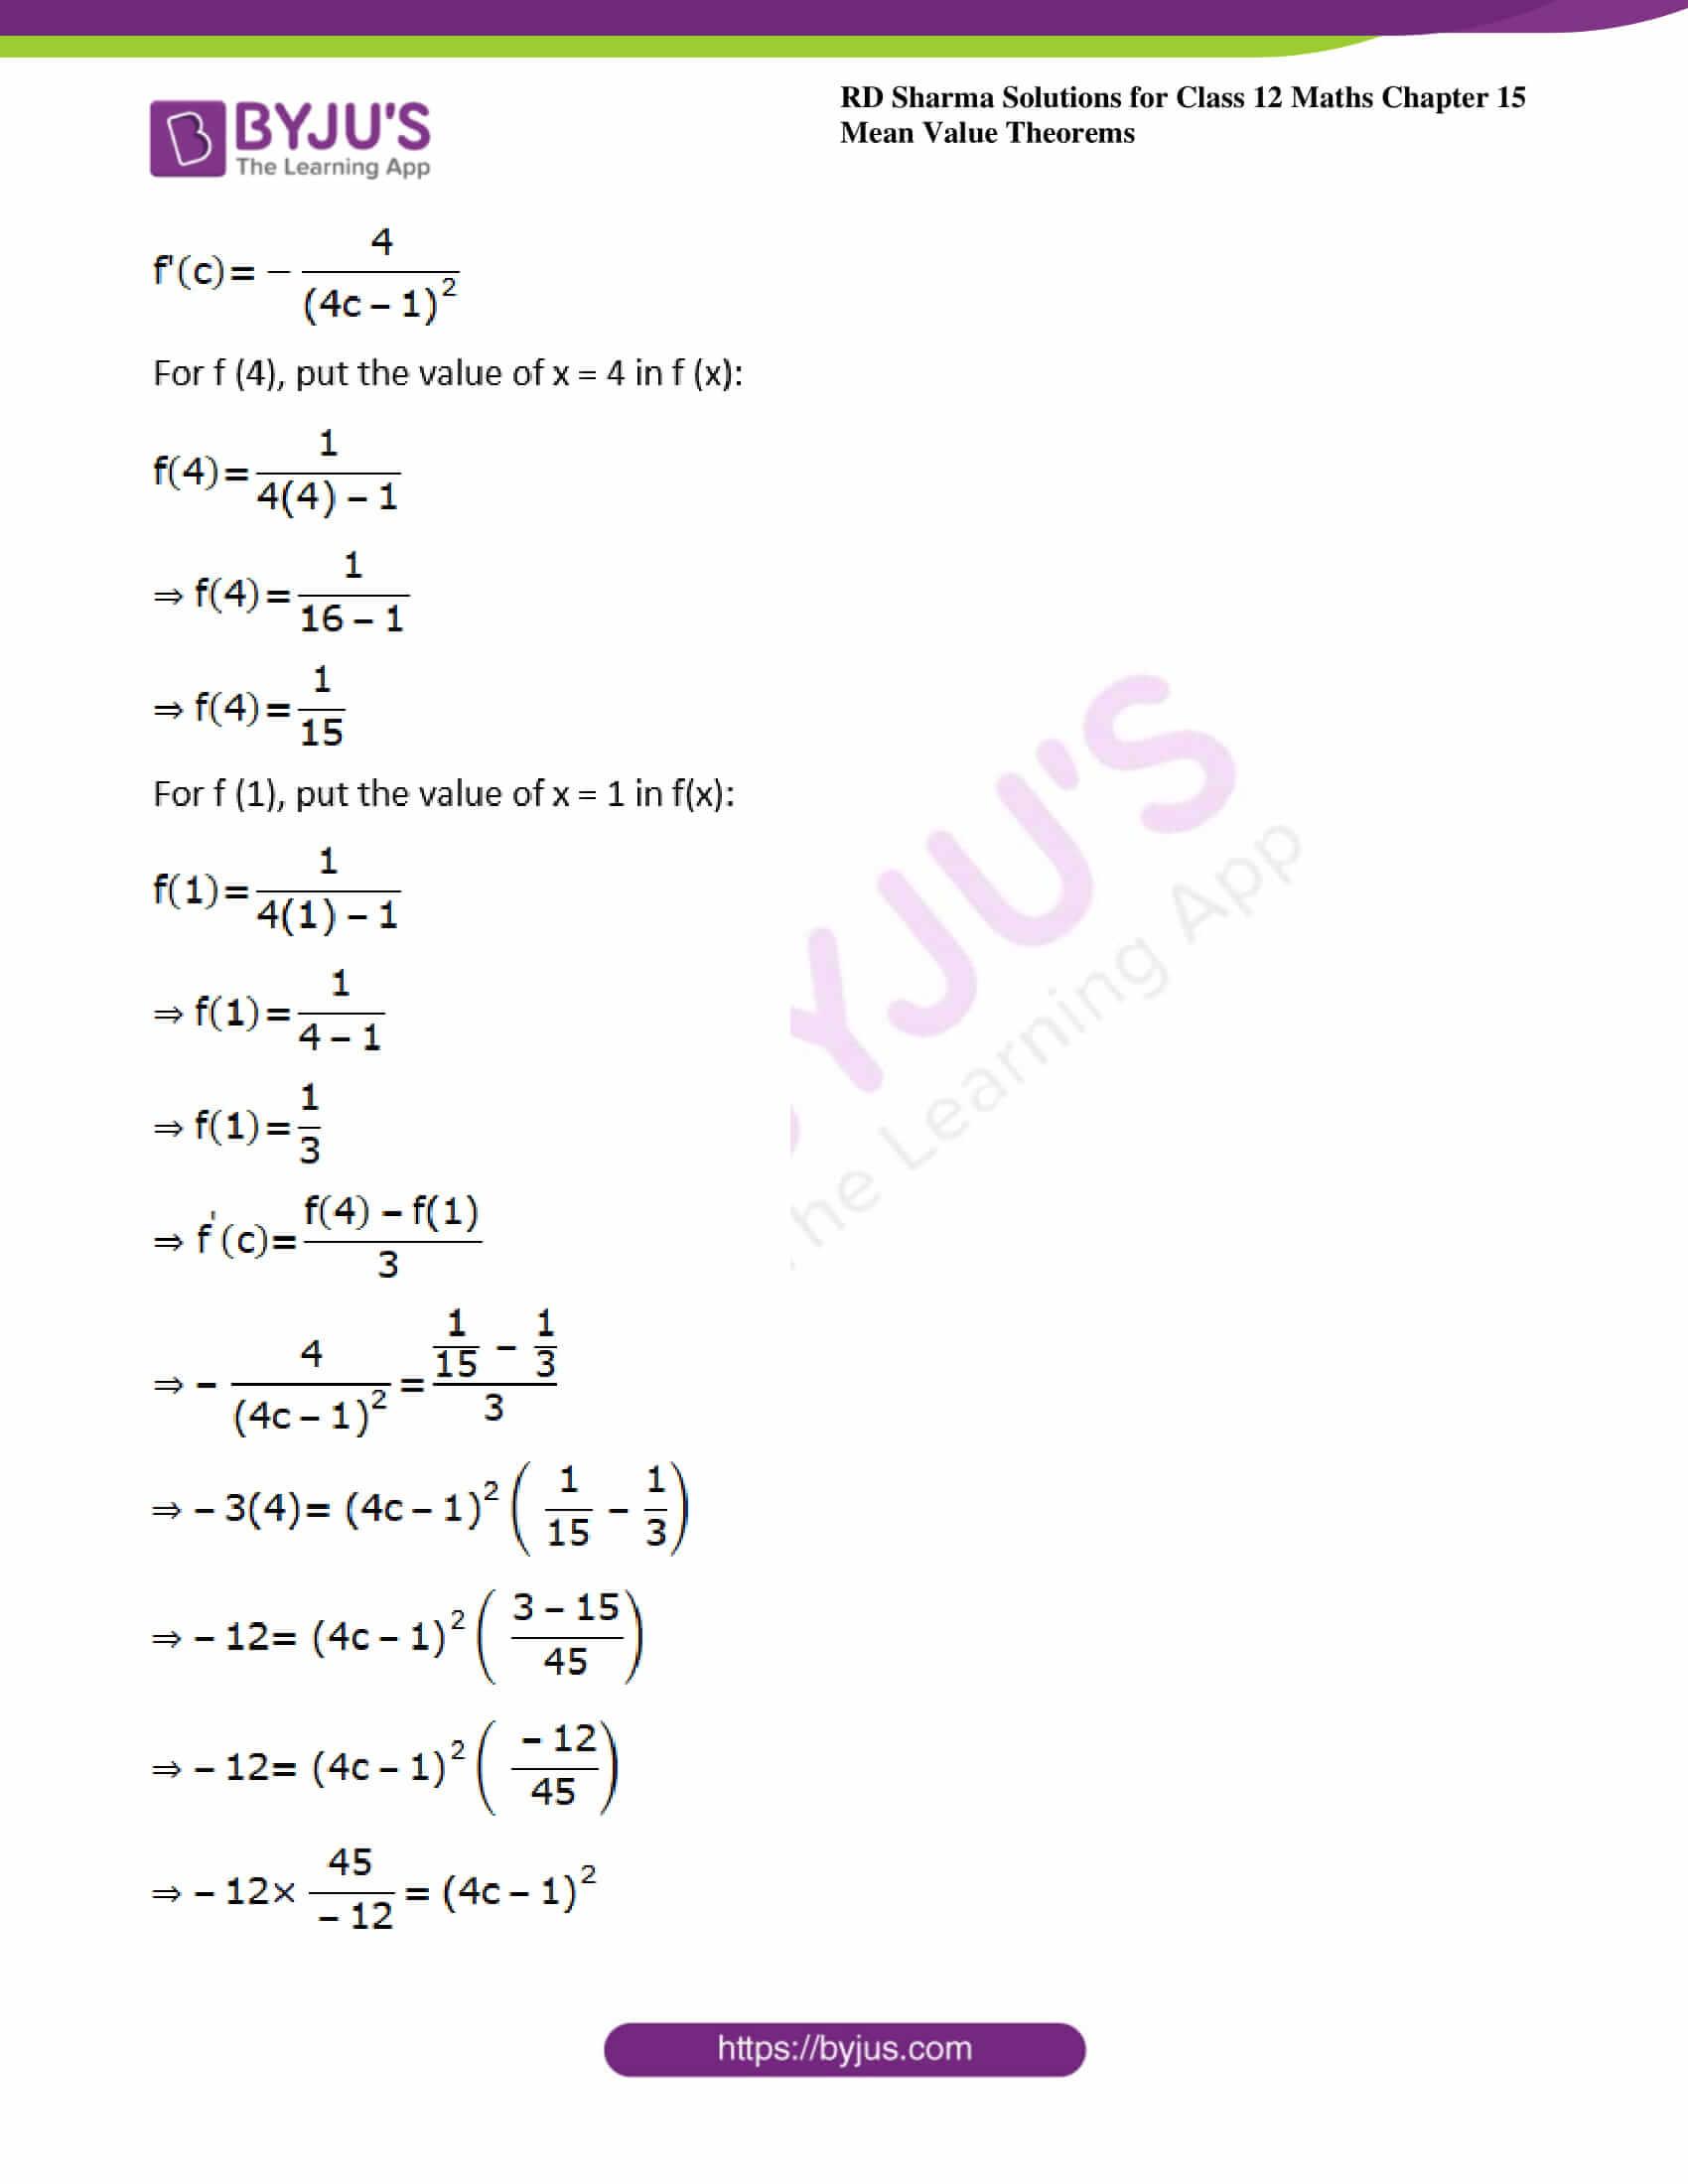 rd sharma class 12 maths solutions chapter 15 ex 2 29